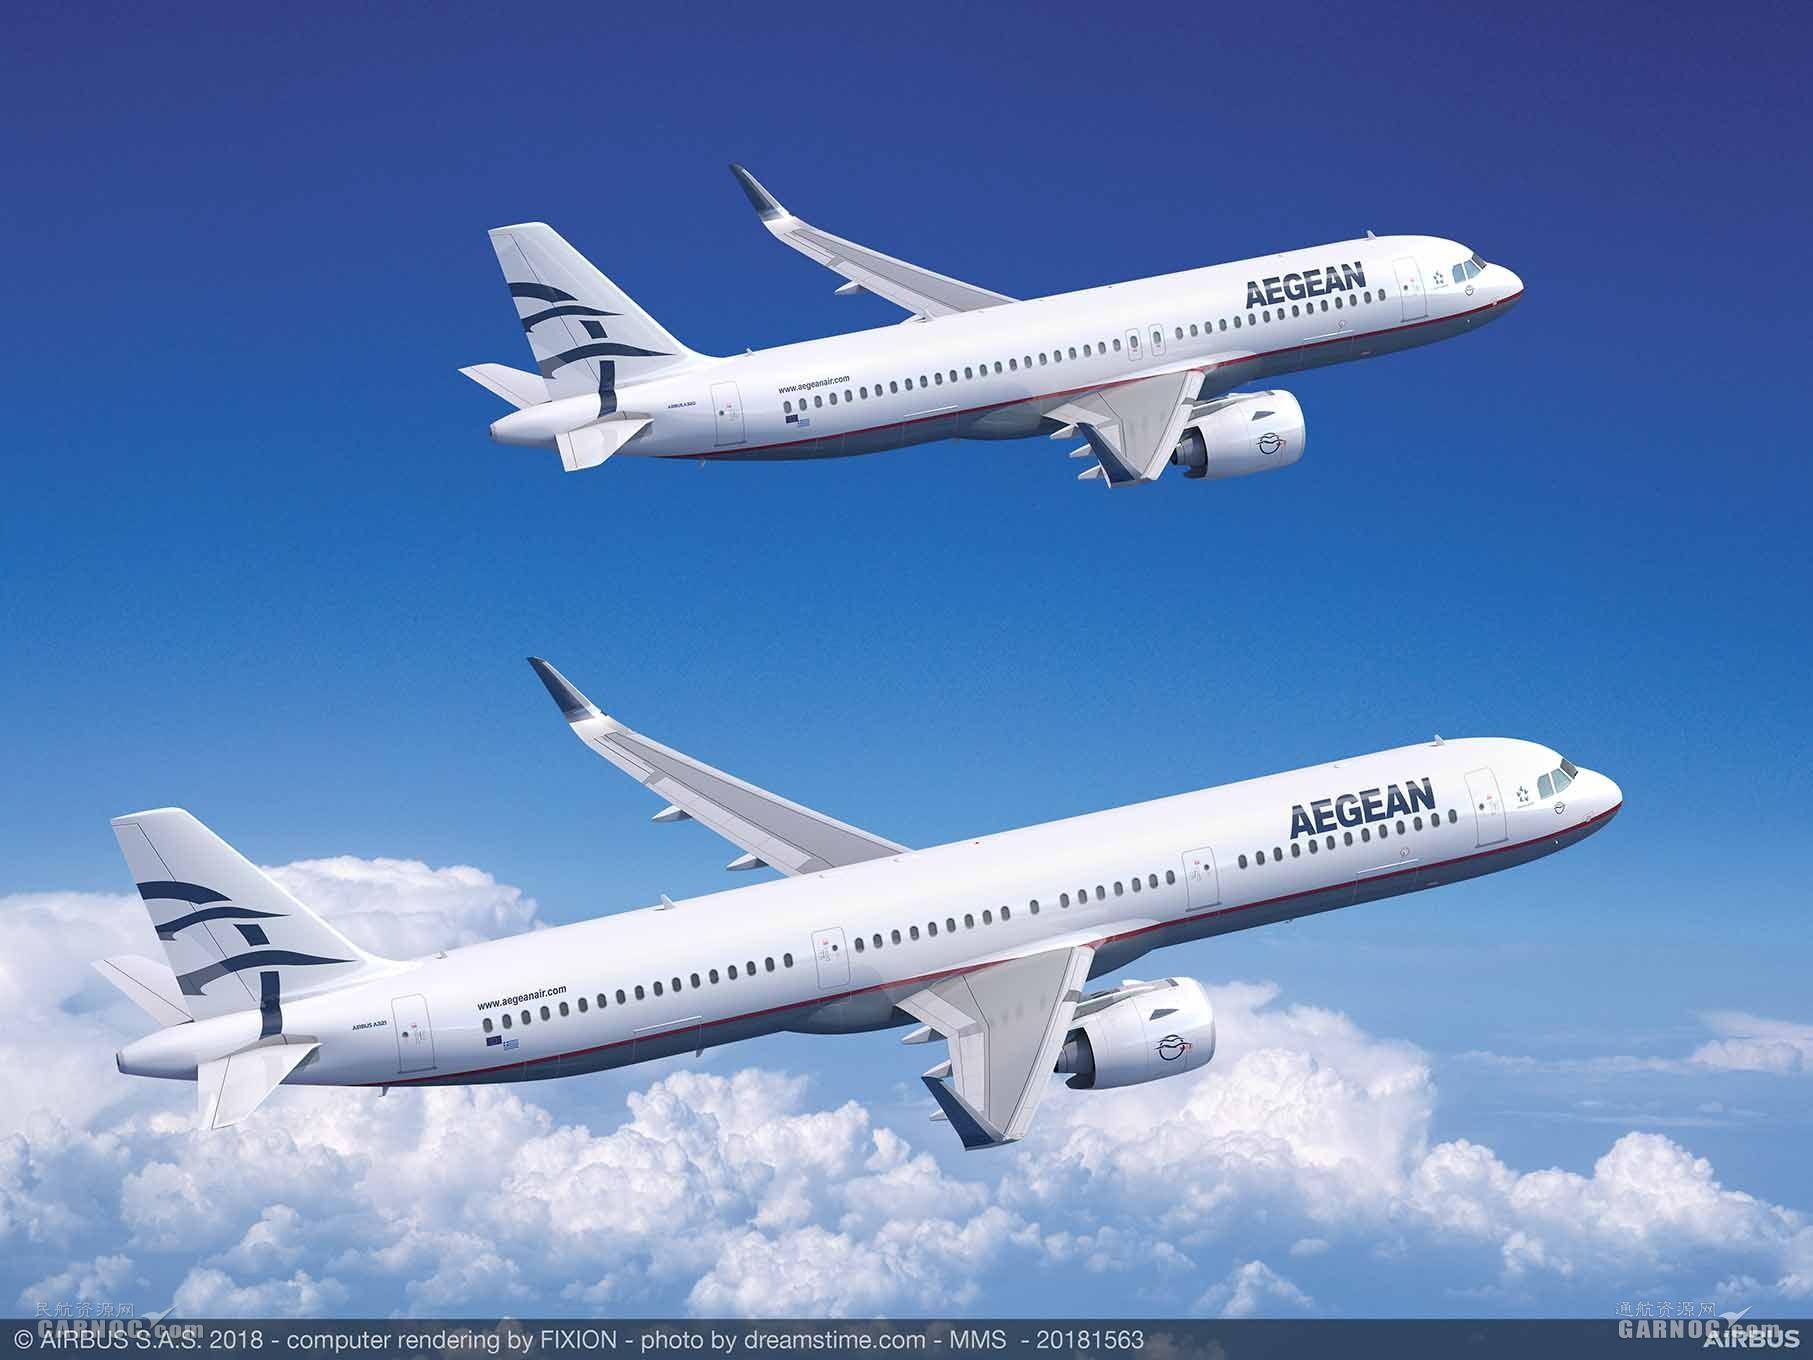 爱琴海航空订购30架空客A320neo系列飞机